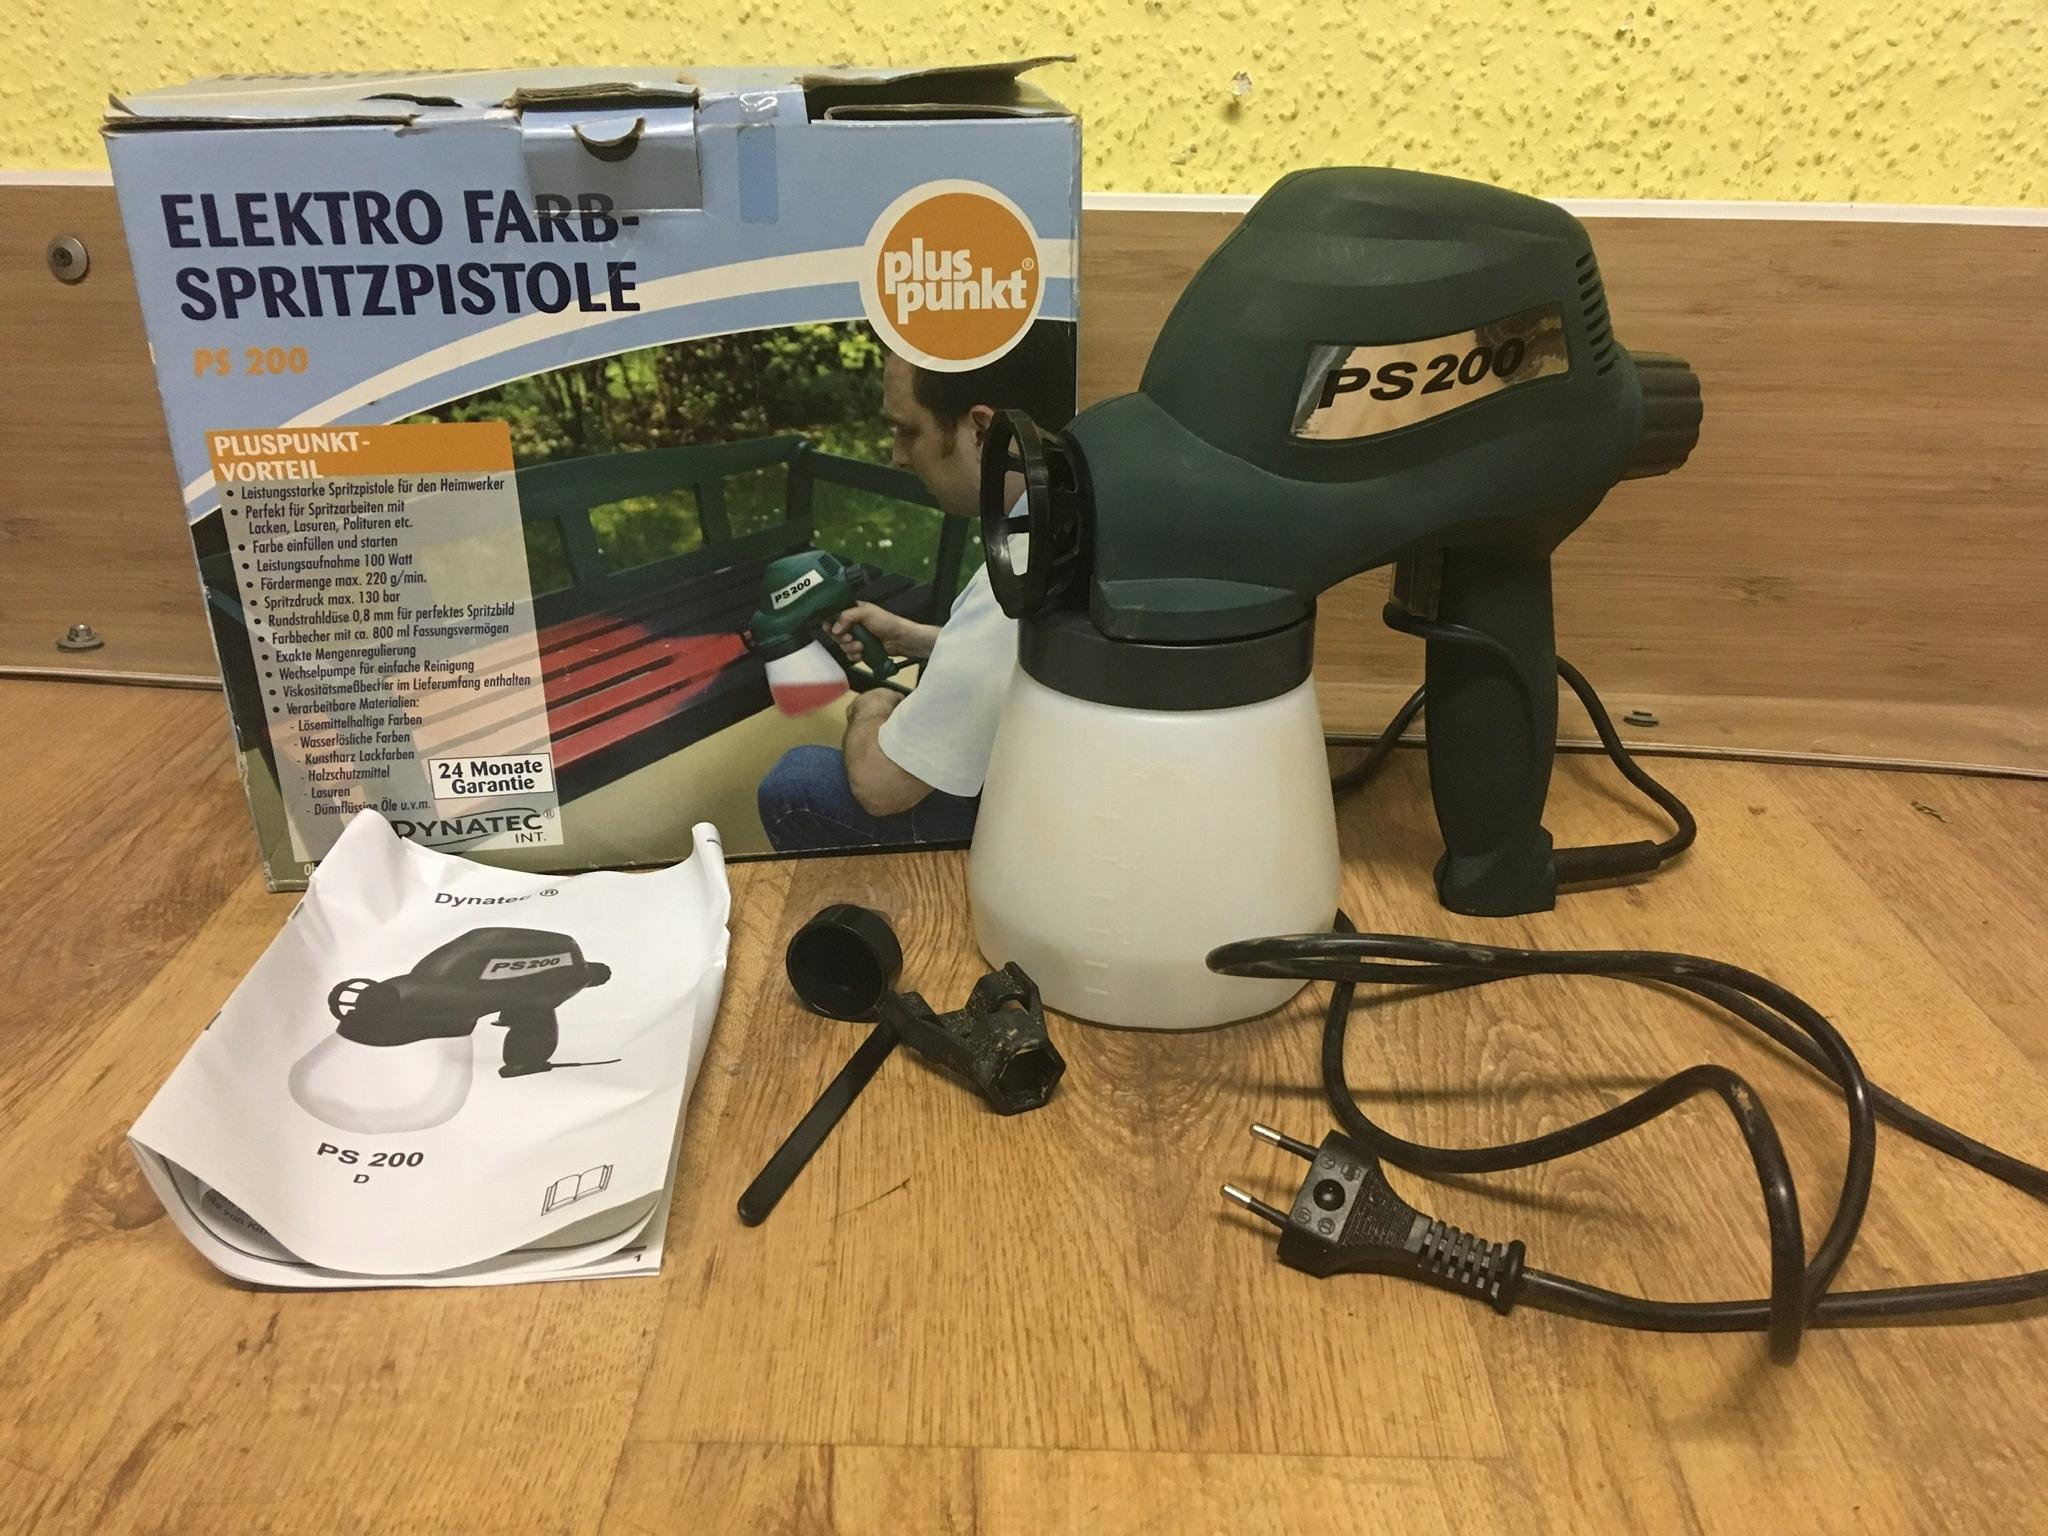 pistolet malarski elektryczny DYNATEC PS200